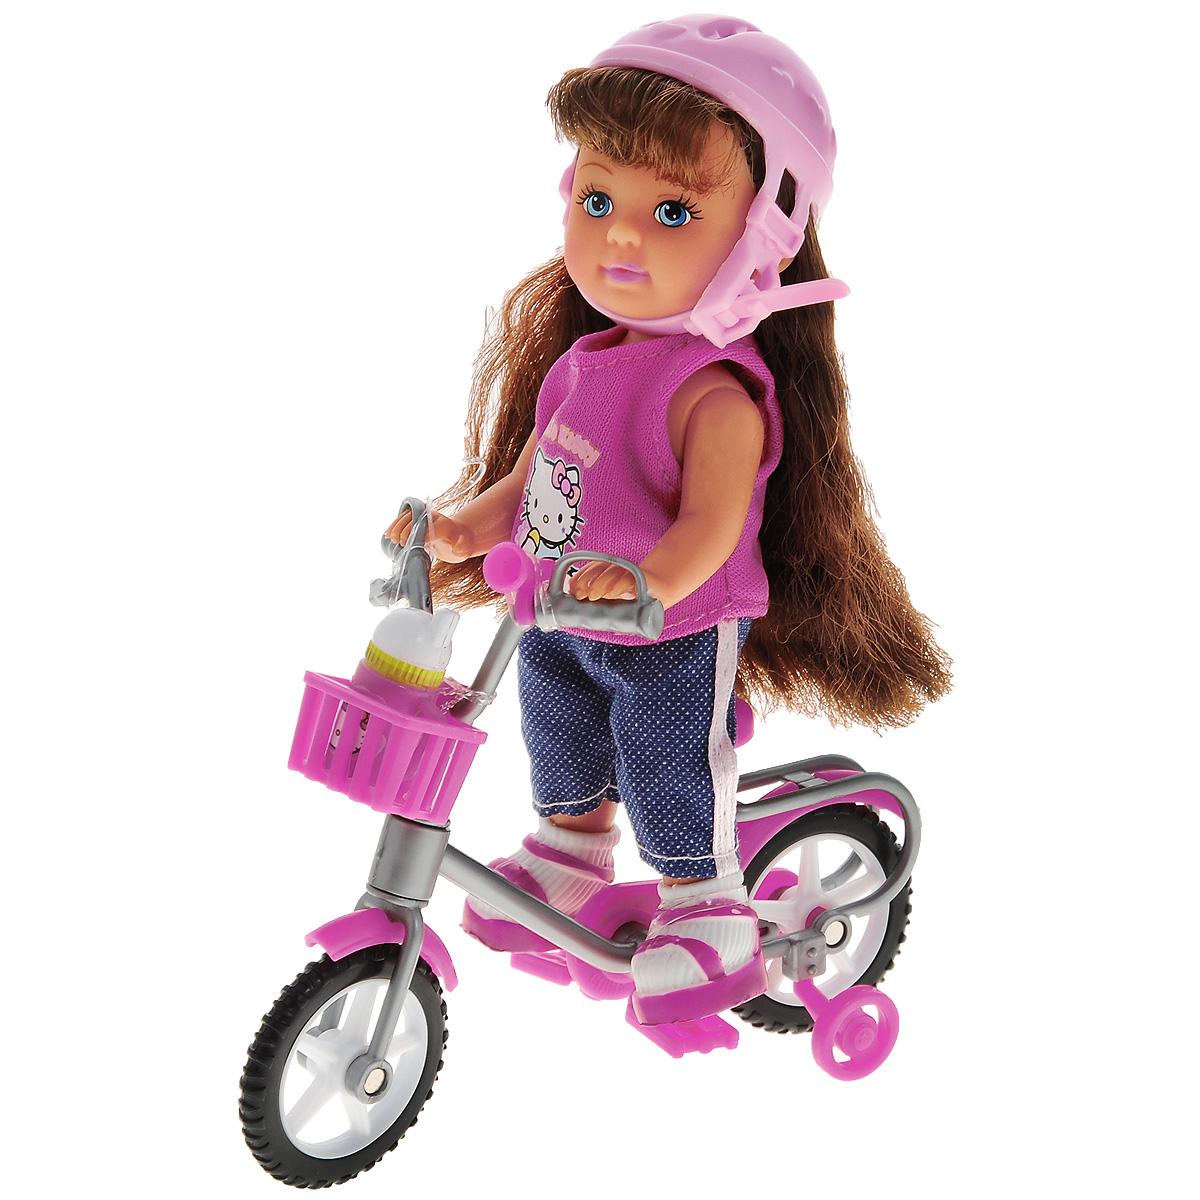 Simba Кукла Hello Kitty: Еви на велосипеде, цвет шлема: розовый, с аксессуарами5737842_шатенка в розовом шлемеКукла Simba Еви на велосипеде порадует любую девочку и надолго увлечет ее. В комплект входит кукла Еви и дополнительные аксессуары для игры: защитный шлем и бутылочка для воды и велосипед. Малышка Еви одета в розовую футболку и синие брюки, на ногах у нее - кроссовки. Вашей дочурке непременно понравится заплетать длинные волосы куклы, придумывая разнообразные прически. Колесики и педали велосипеда вращаются, шлем оснащен пластиковым хлястиком и надежно застегивается на голове куколки. Руки, ноги и голова куклы подвижны, благодаря чему ей можно придавать разнообразные позы. Игры с куклой способствуют эмоциональному развитию, помогают формировать воображение и художественный вкус, а также разовьют в вашей малышке чувство ответственности и заботы. Великолепное качество исполнения делают эту куколку чудесным подарком к любому празднику.